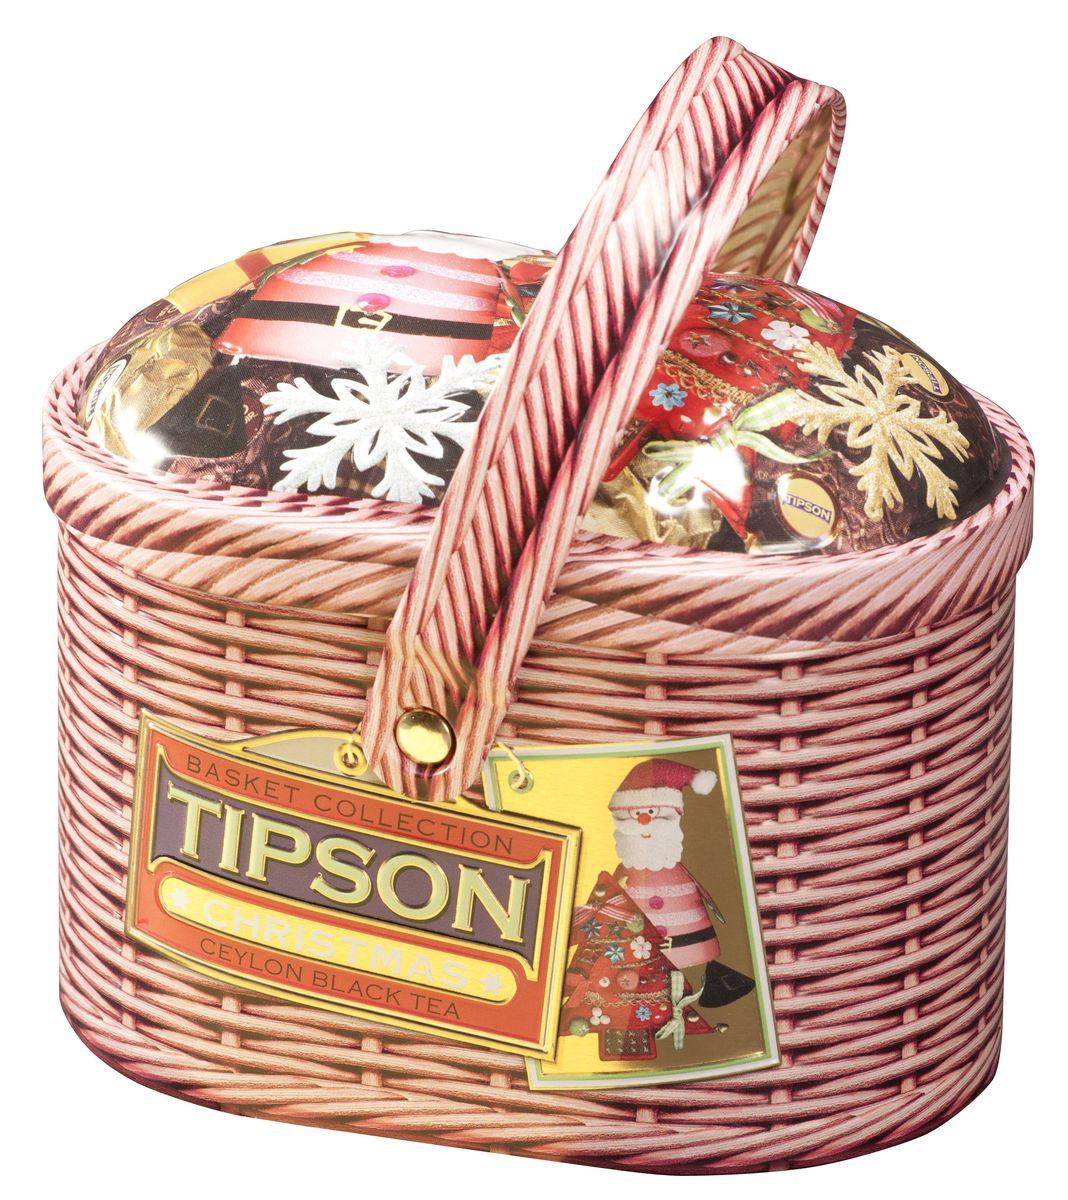 Tipson Christmas черный листовой чай, 100 г (жестяная банка) tipson pearl зеленый листовой чай 75 г жестяная банка